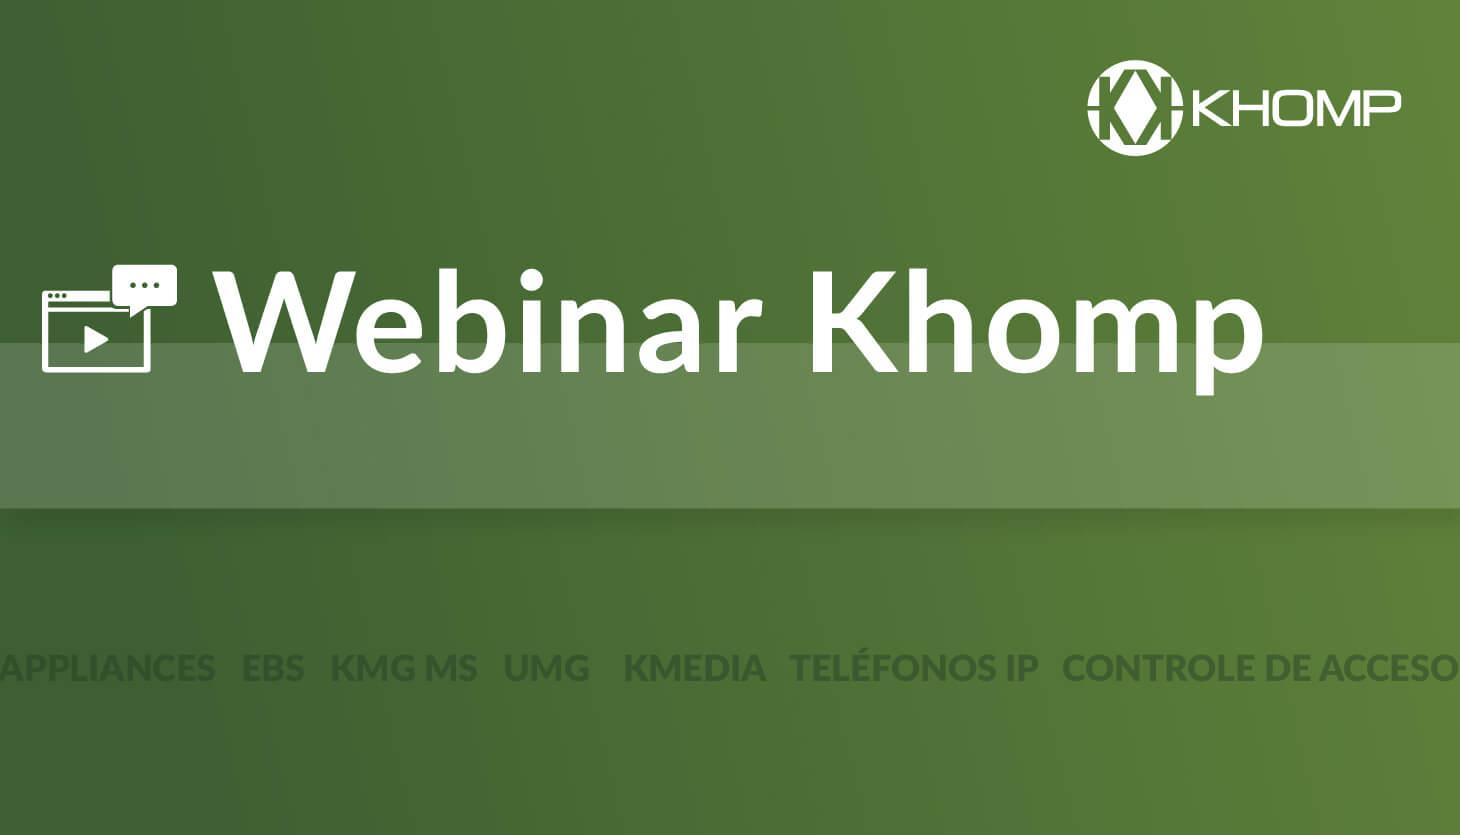 webinar Khomp portafolio de Khomp disponible en su región